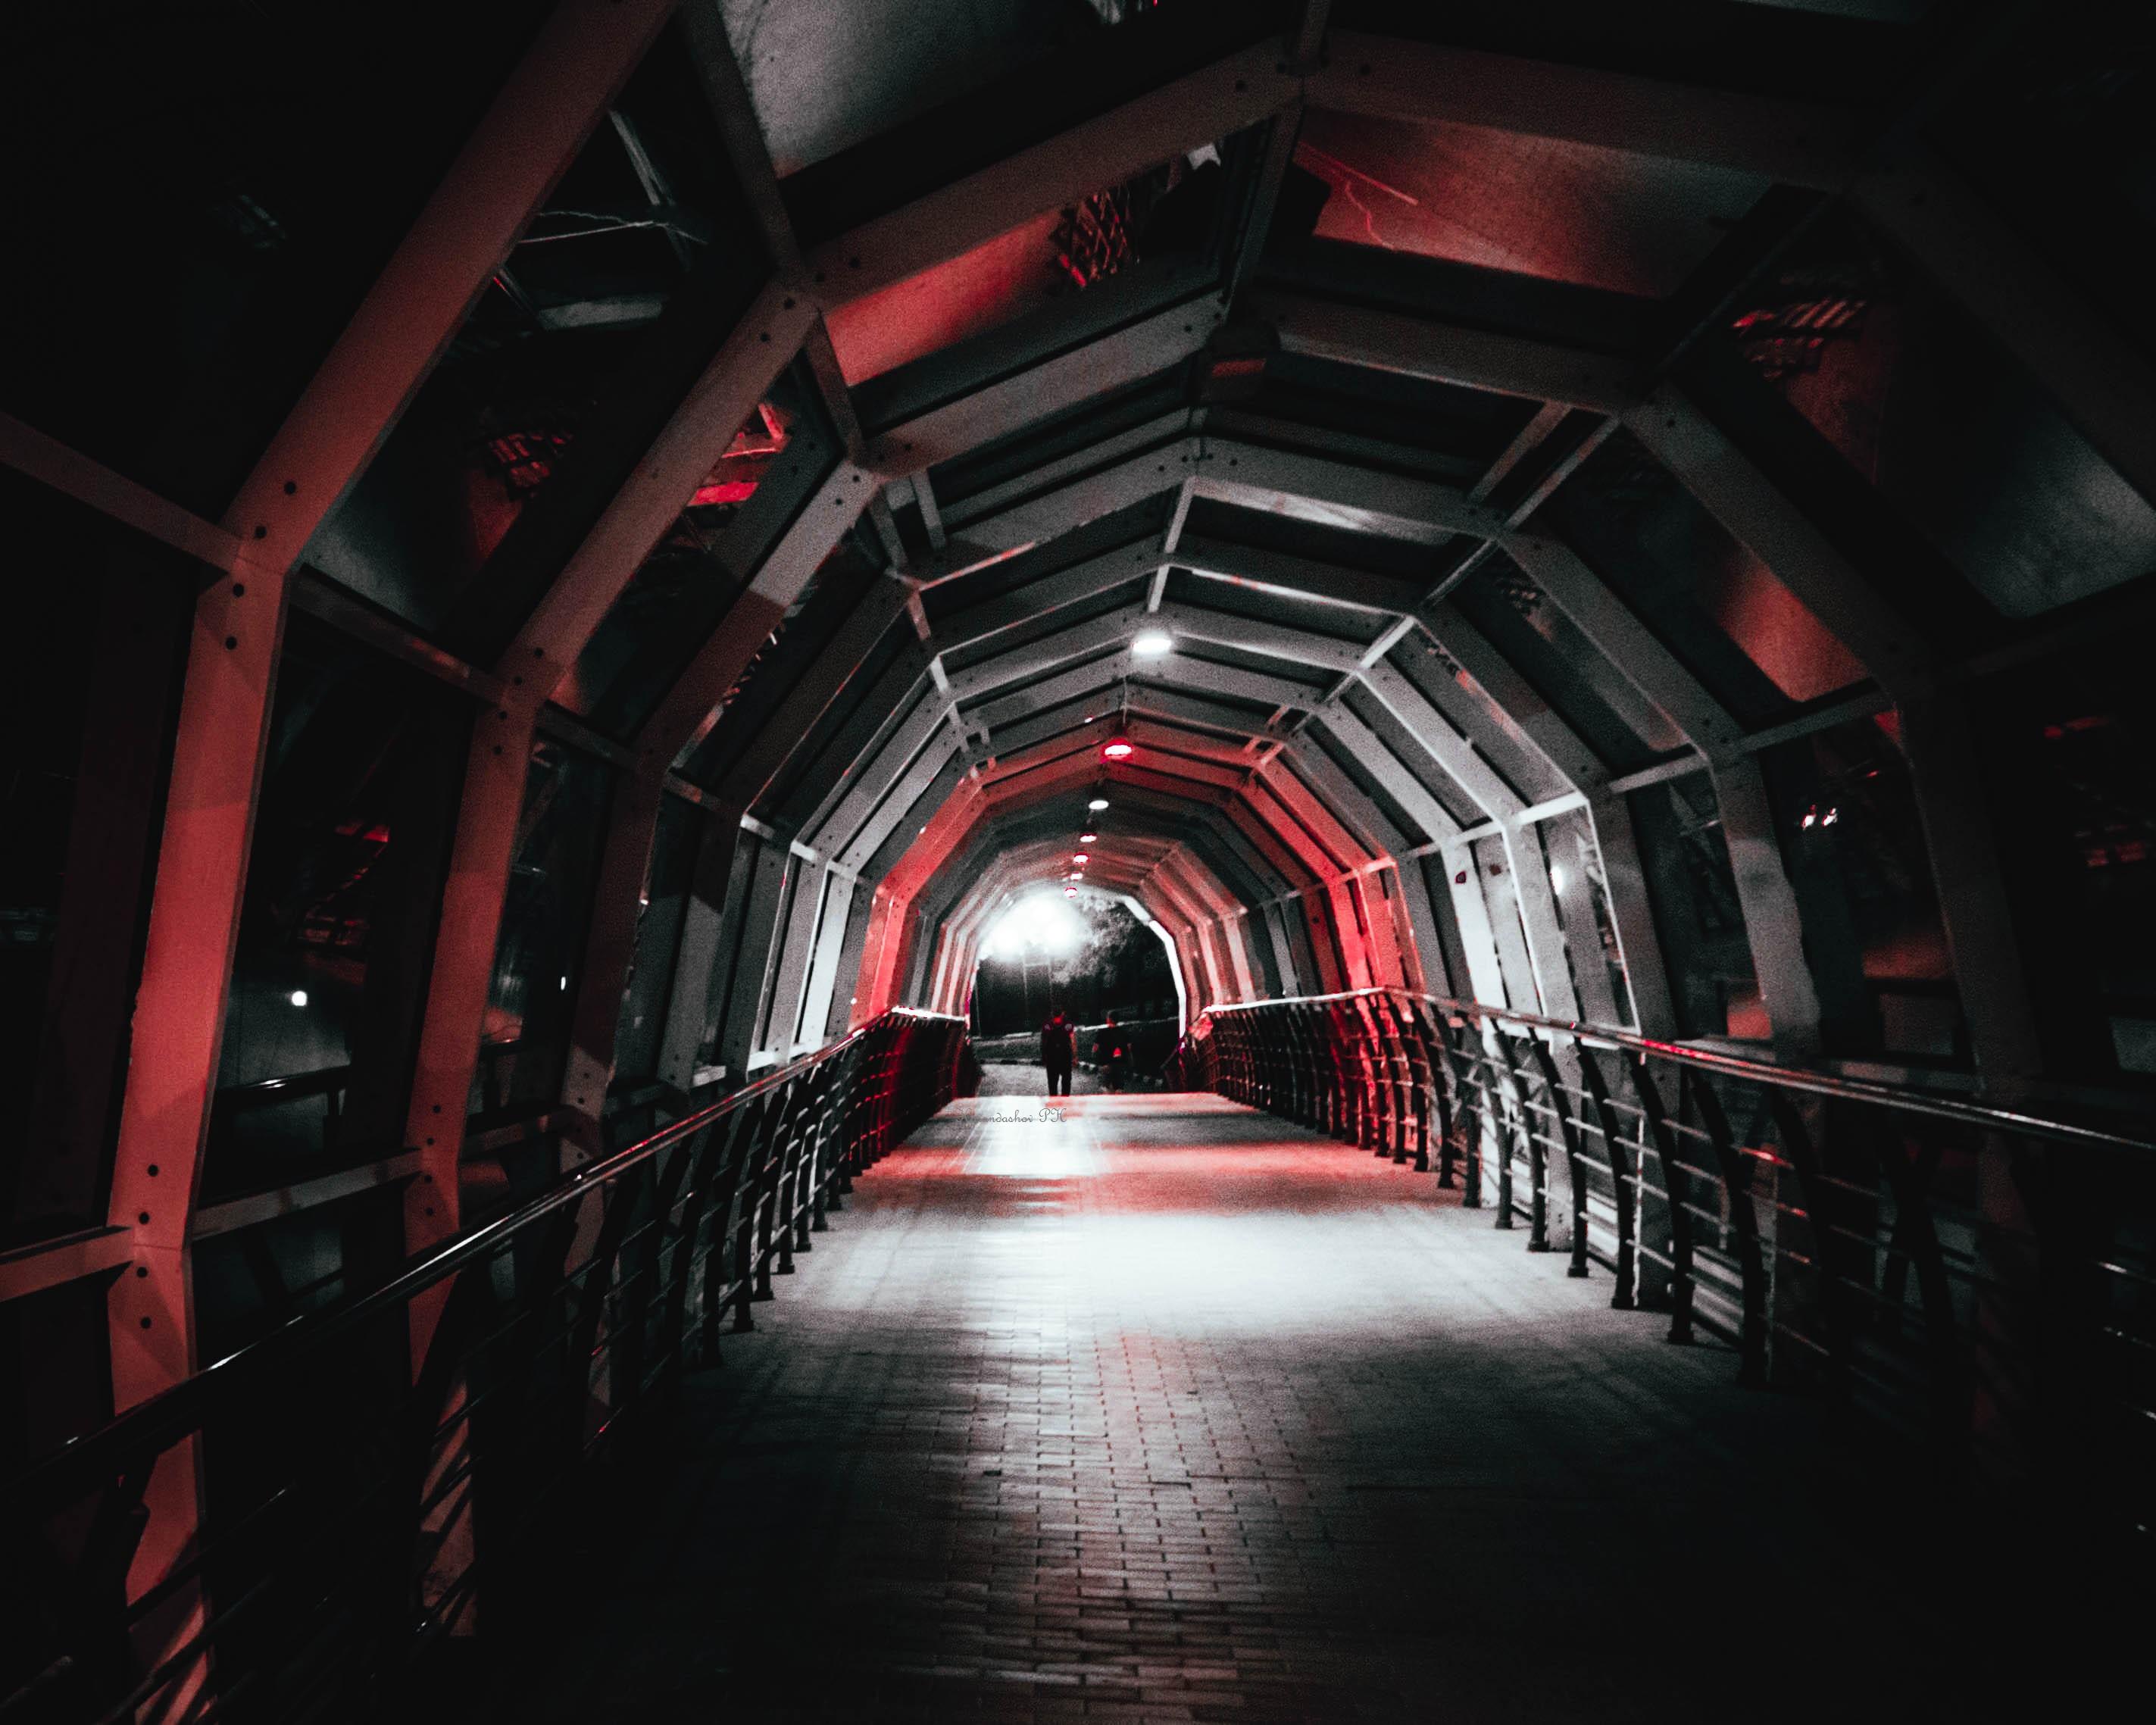 недавно темные туннели картинки правильно сделать